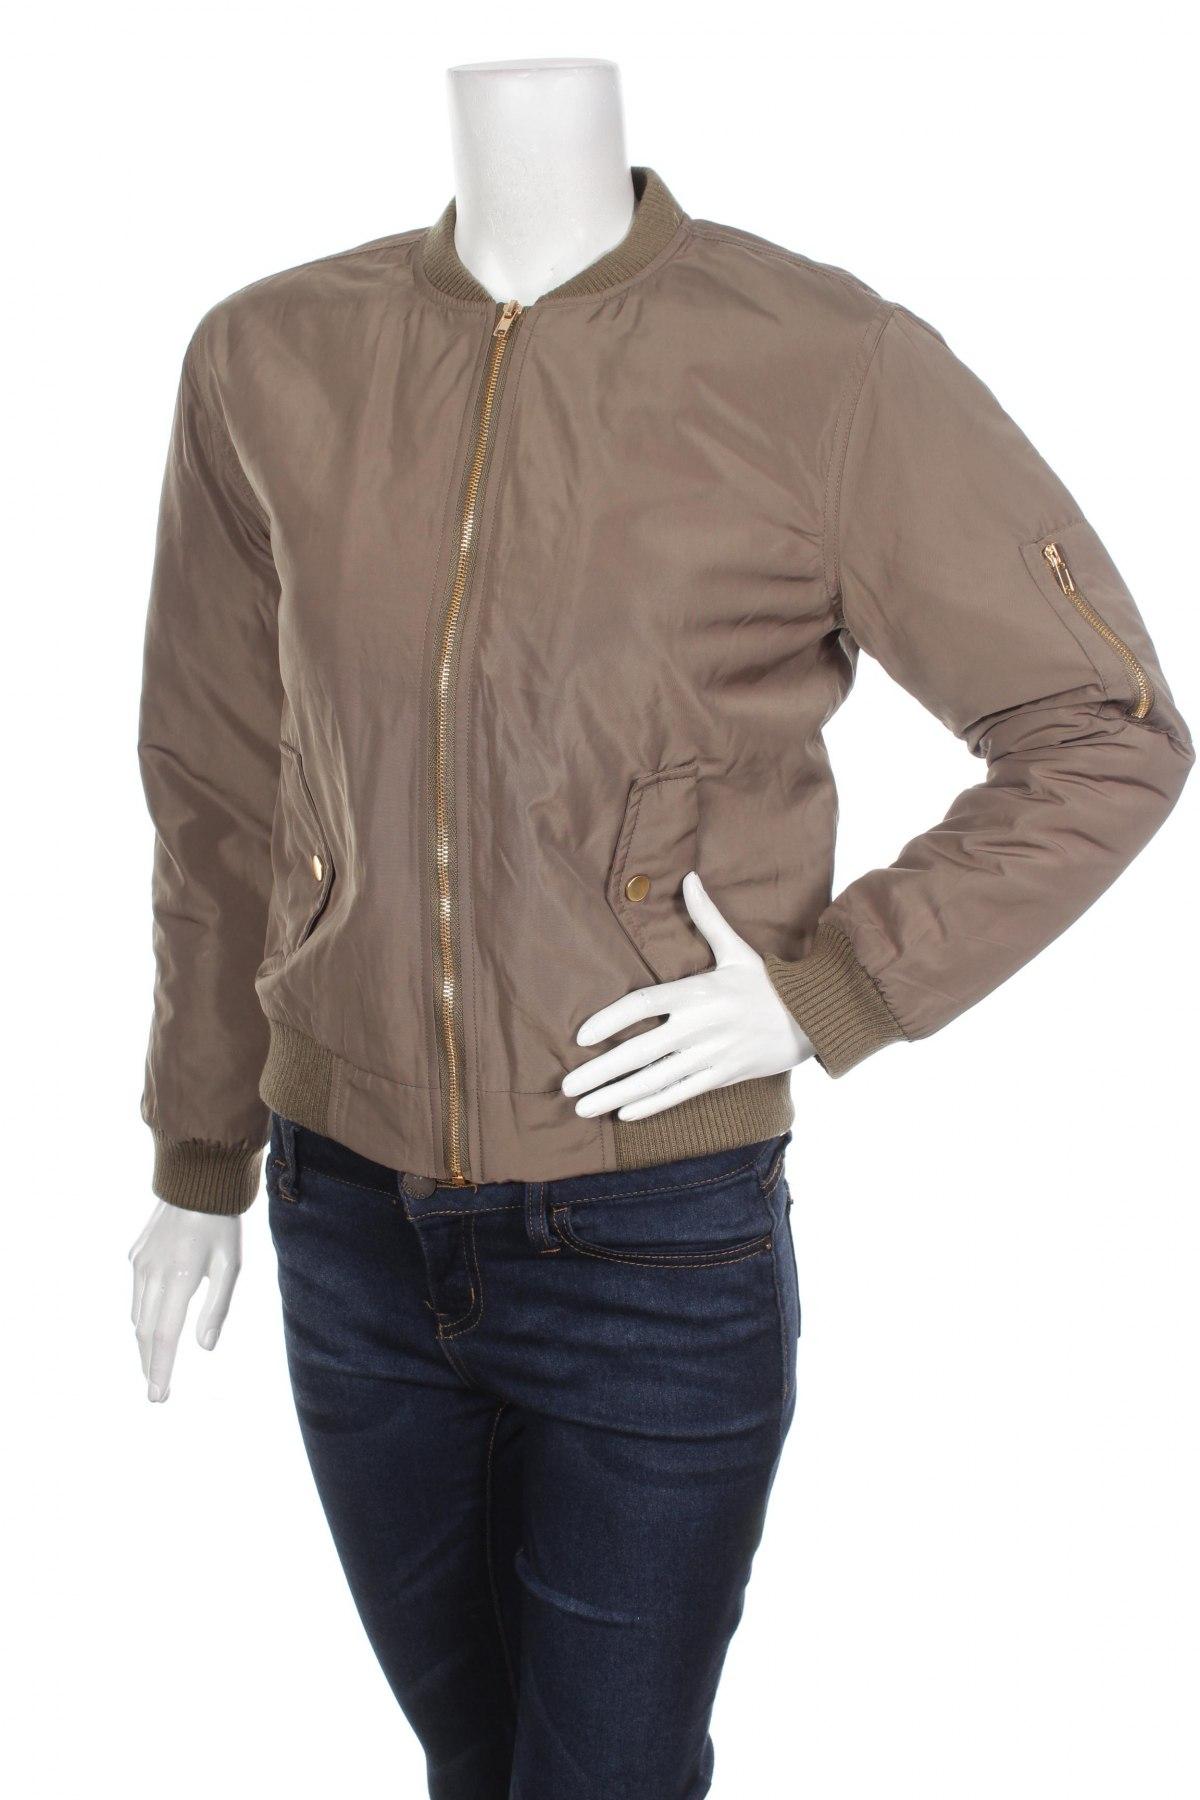 Γυναικείο μπουφάν Glamorous - αγοράστε σε τιμή που συμφέρει στο ... 87dbddbf6ae